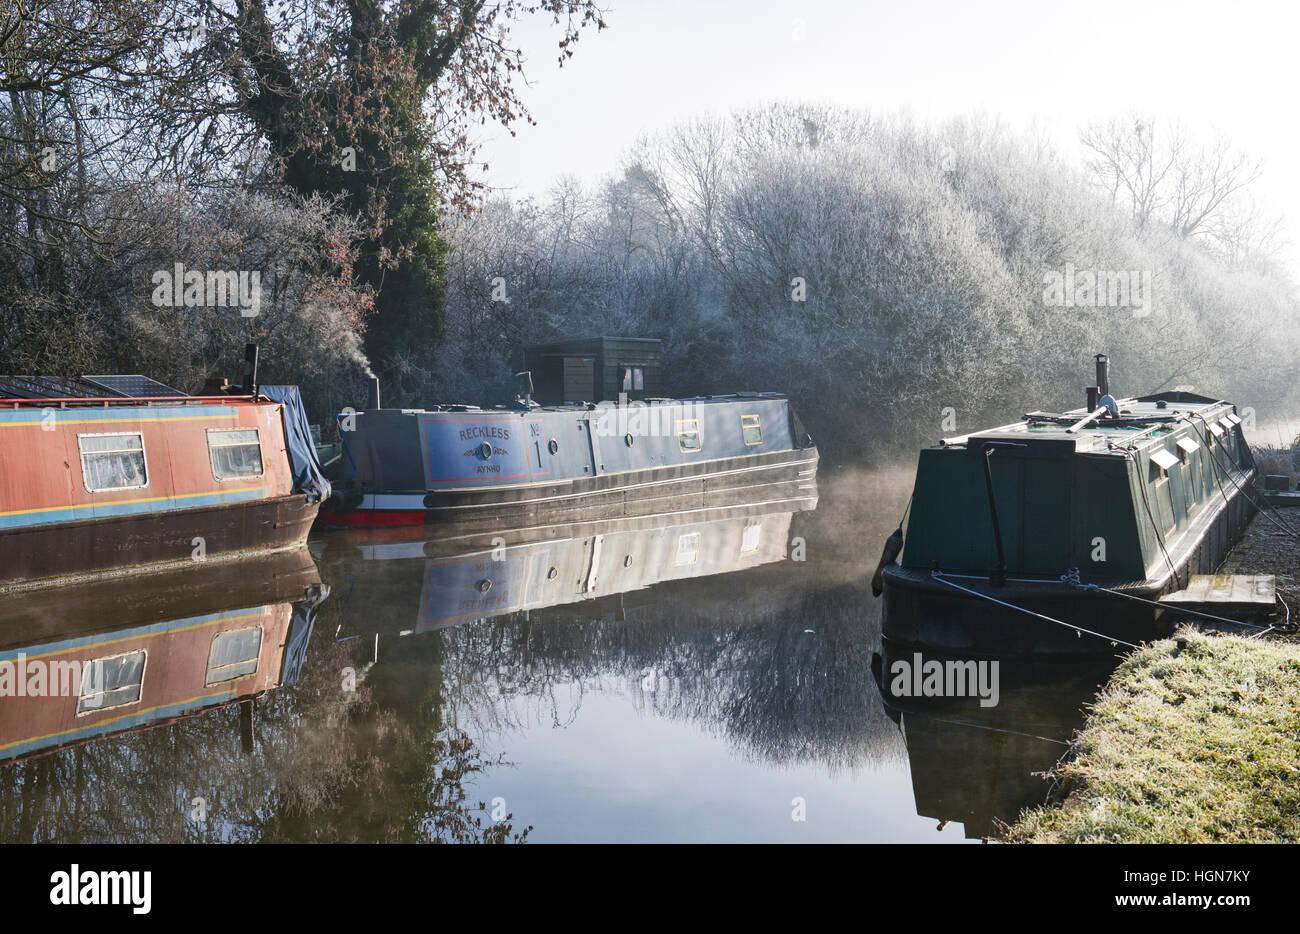 Des bateaux sur le canal sur un canal d'oxford décembre matin glacial. Aynho, Banbury, Oxfordshire, Angleterre Photo Stock